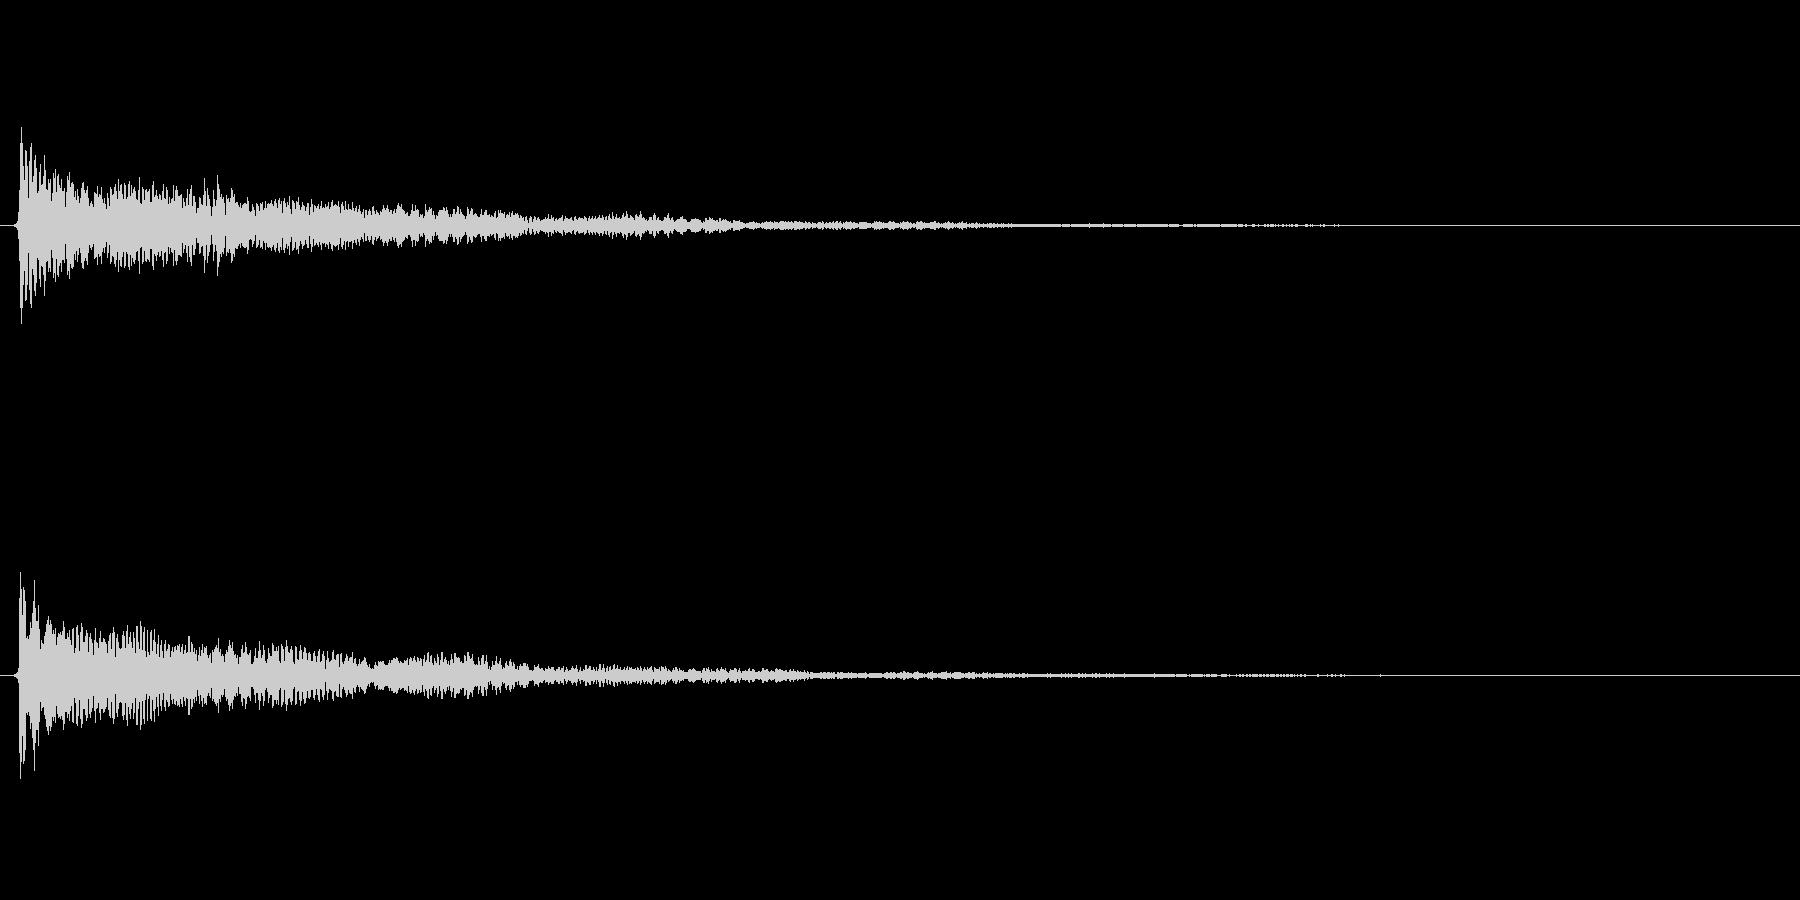 キラキラ系_114の未再生の波形